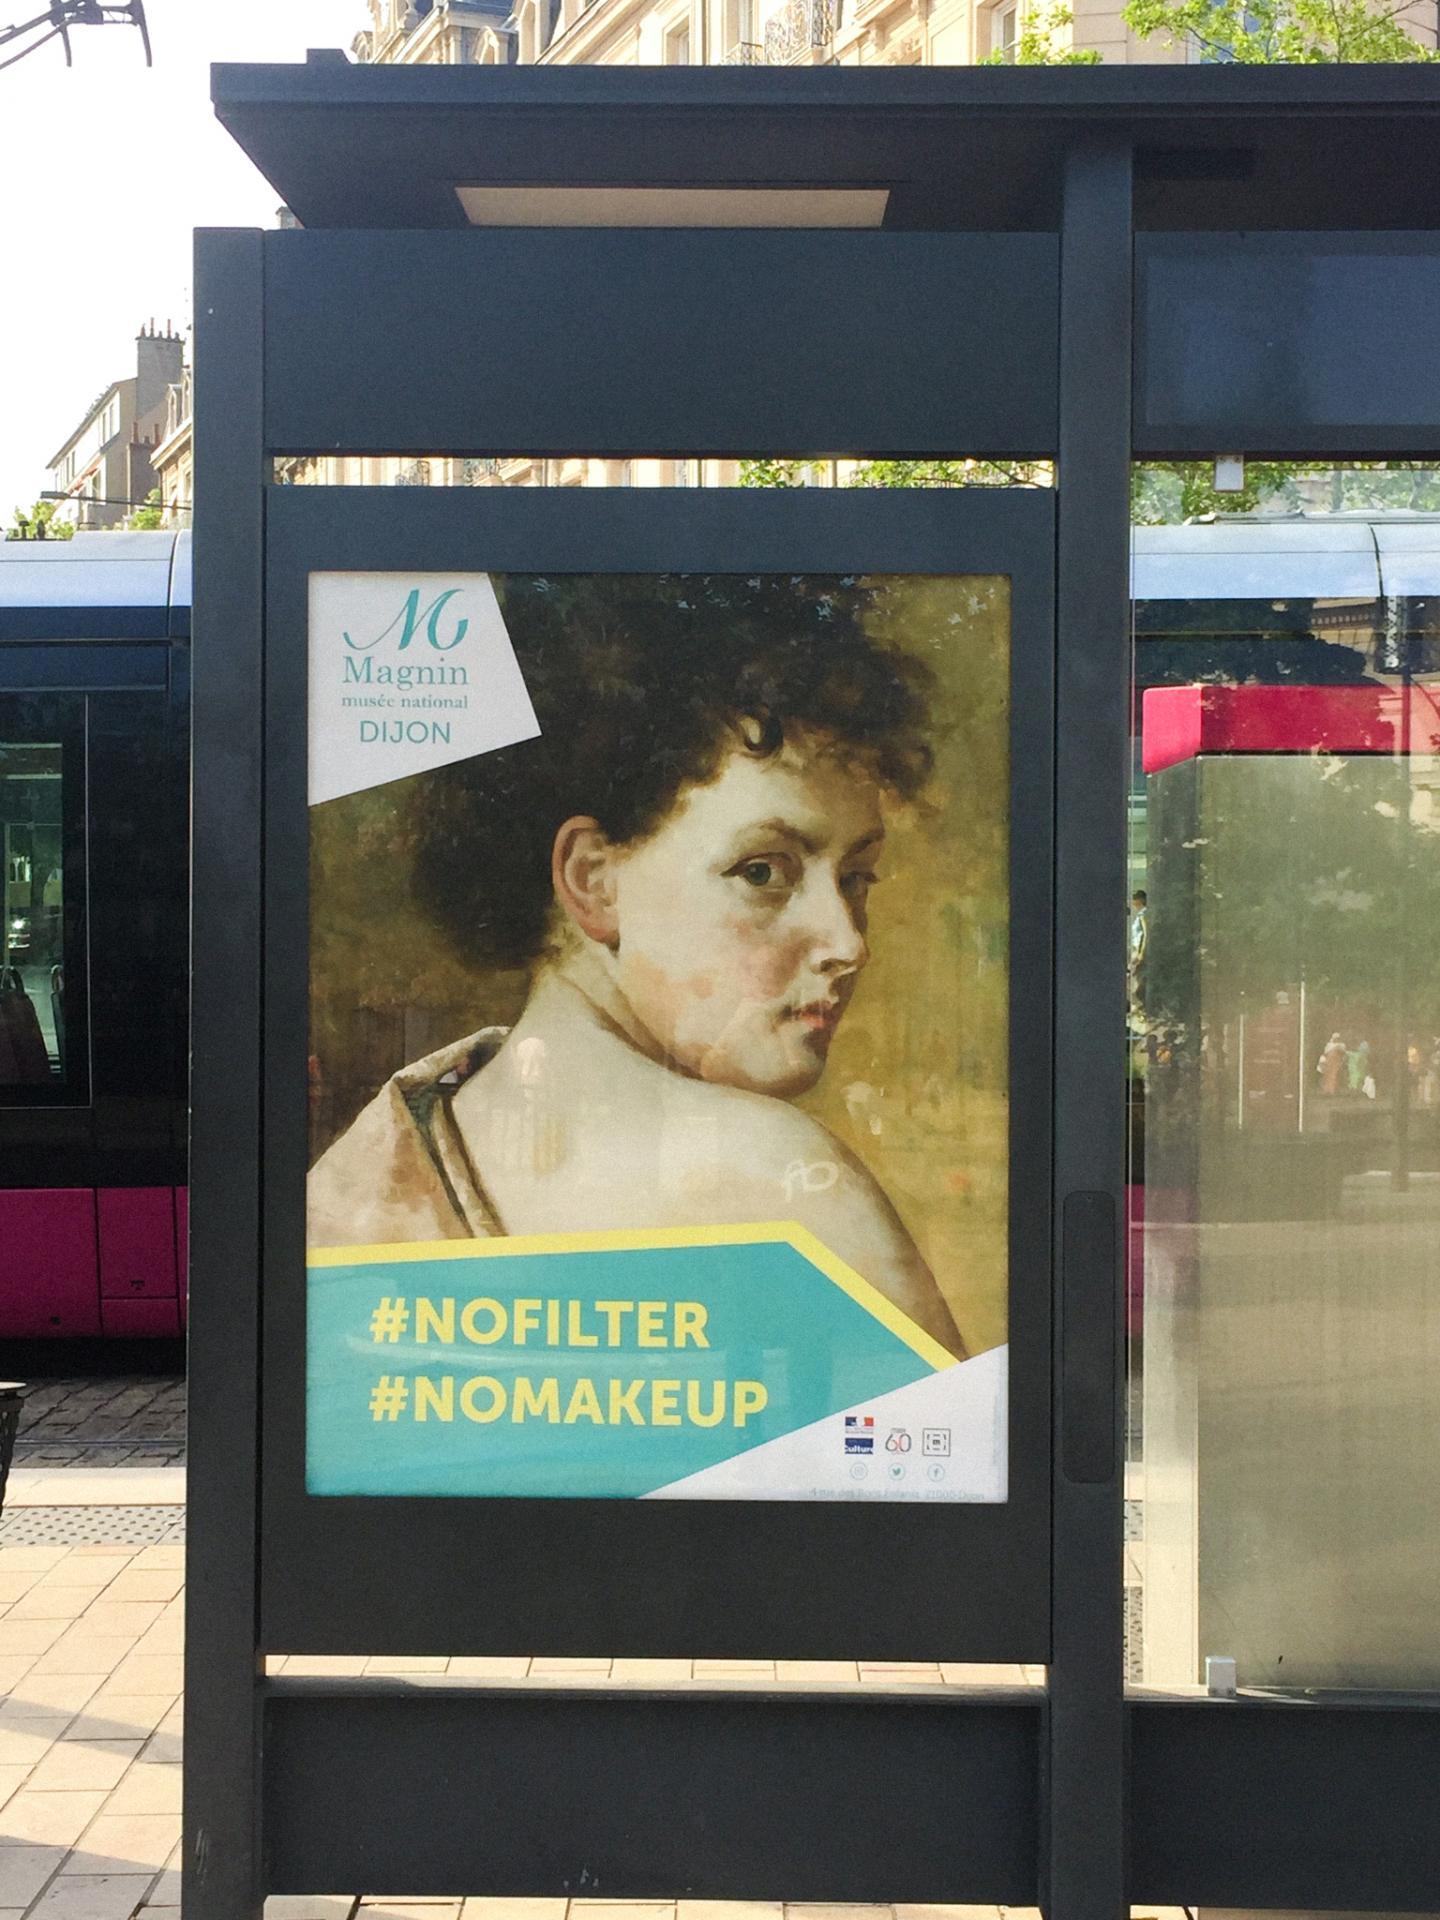 Campagne d'affichage du musée Magnin première affiche dans la rue